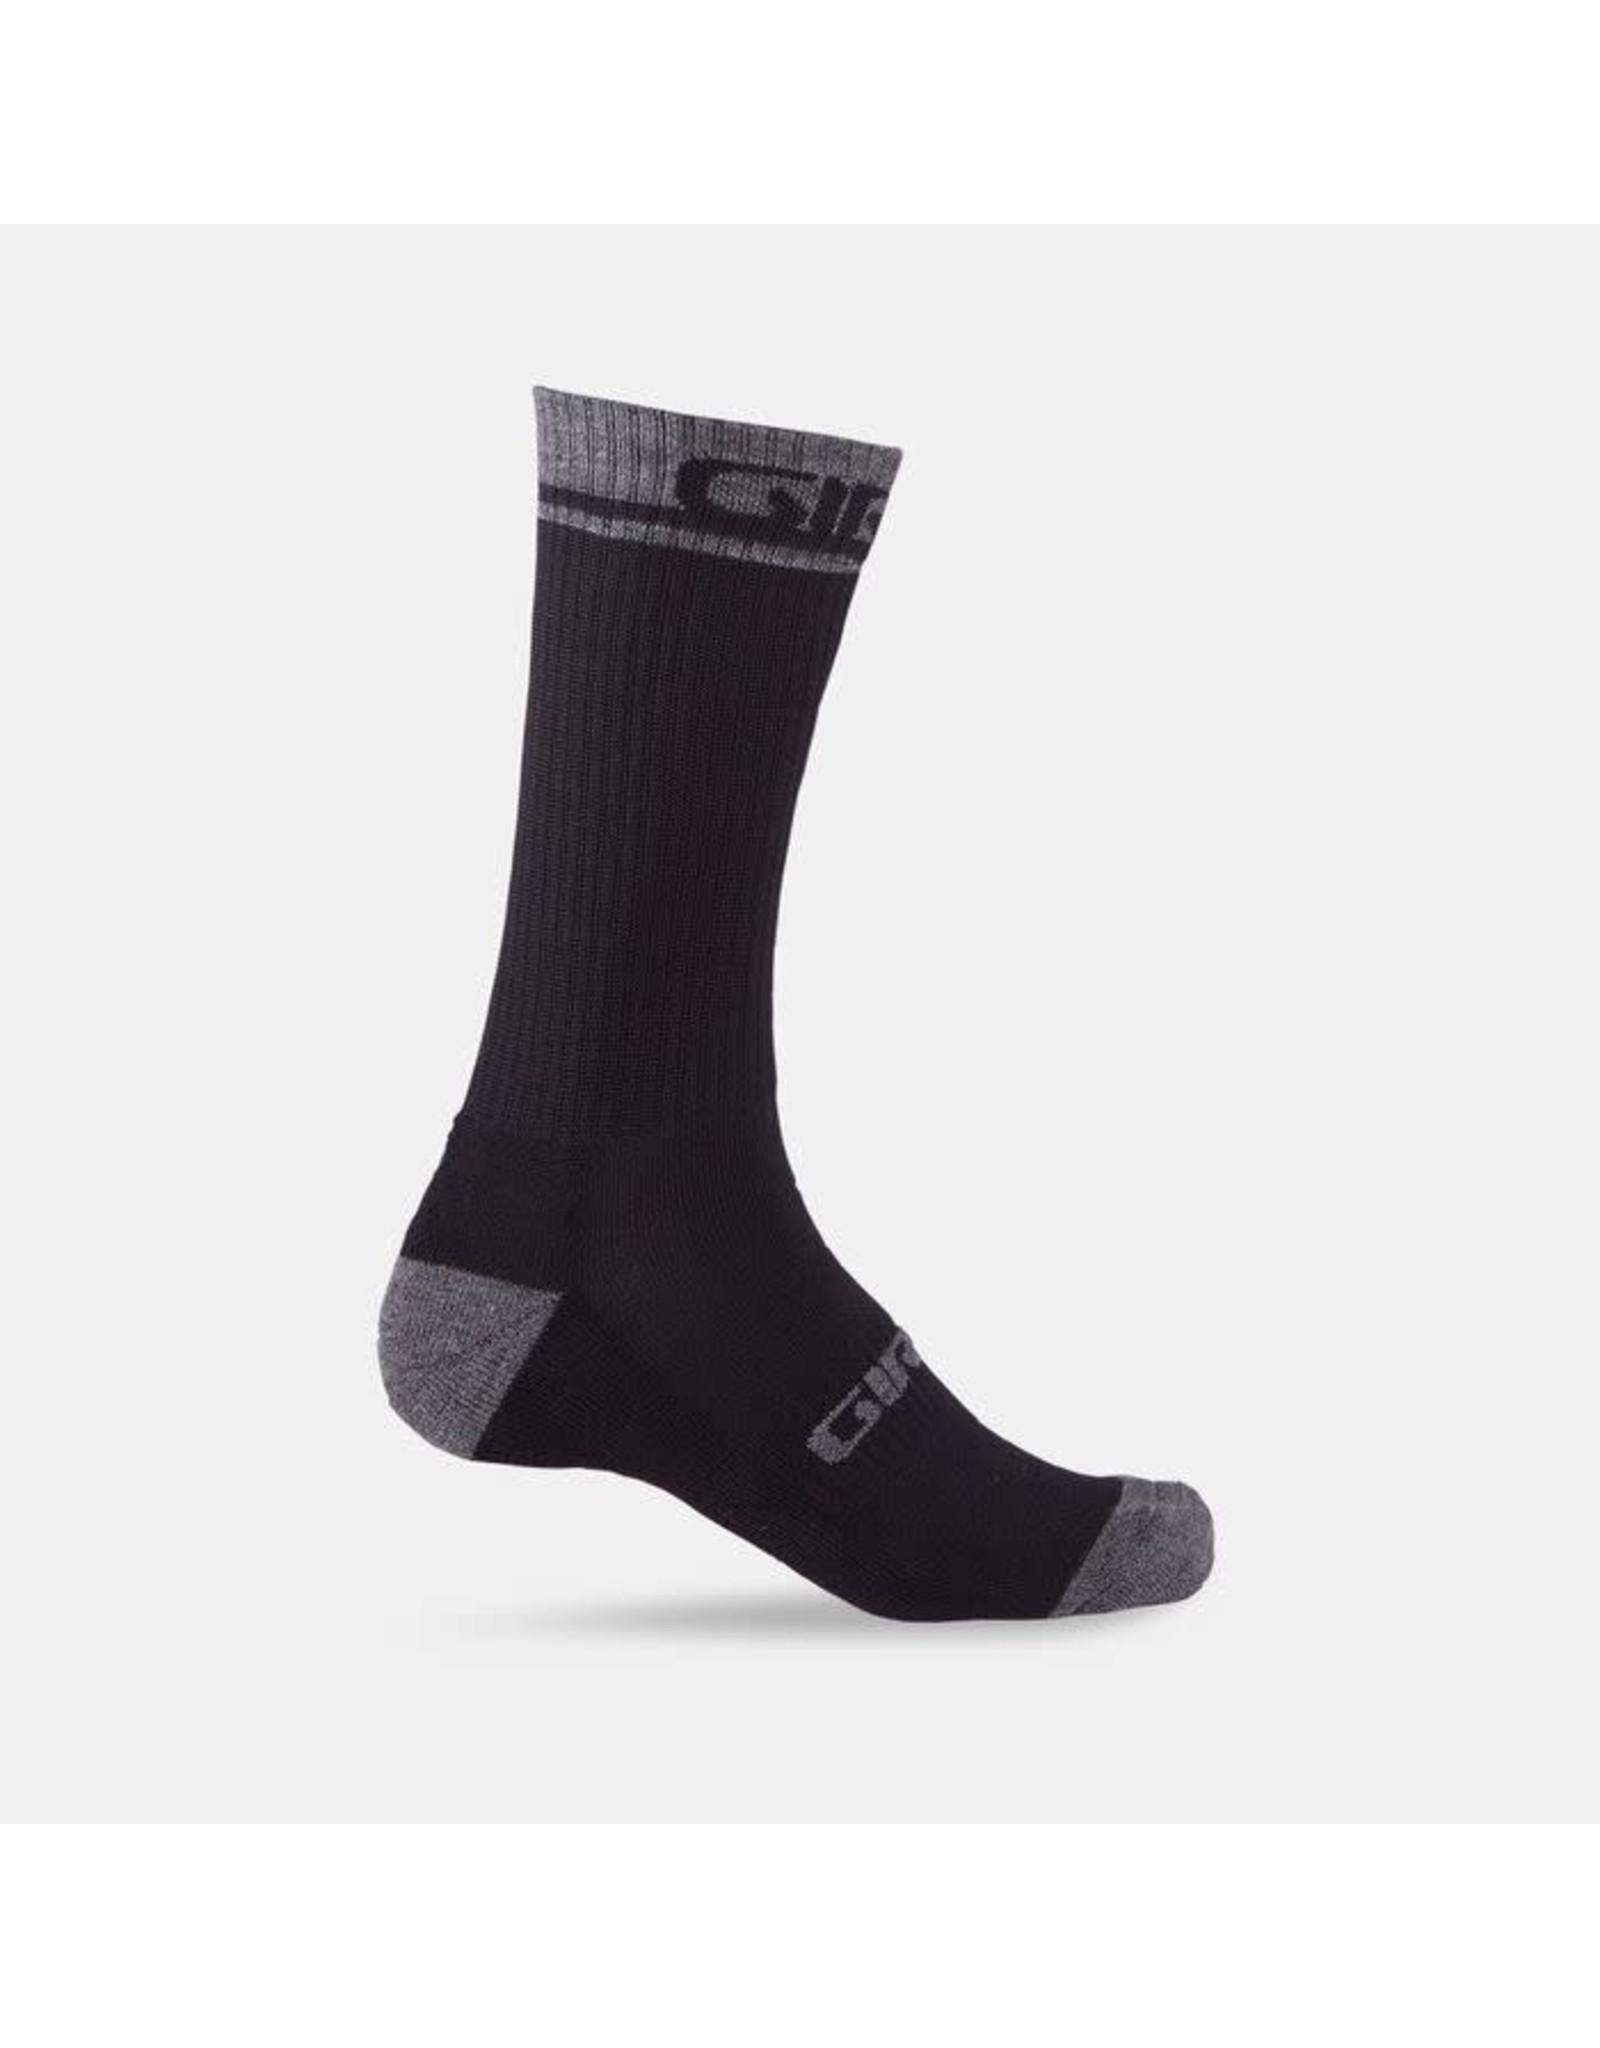 Giro Cycling Winter Merino Wool Socks